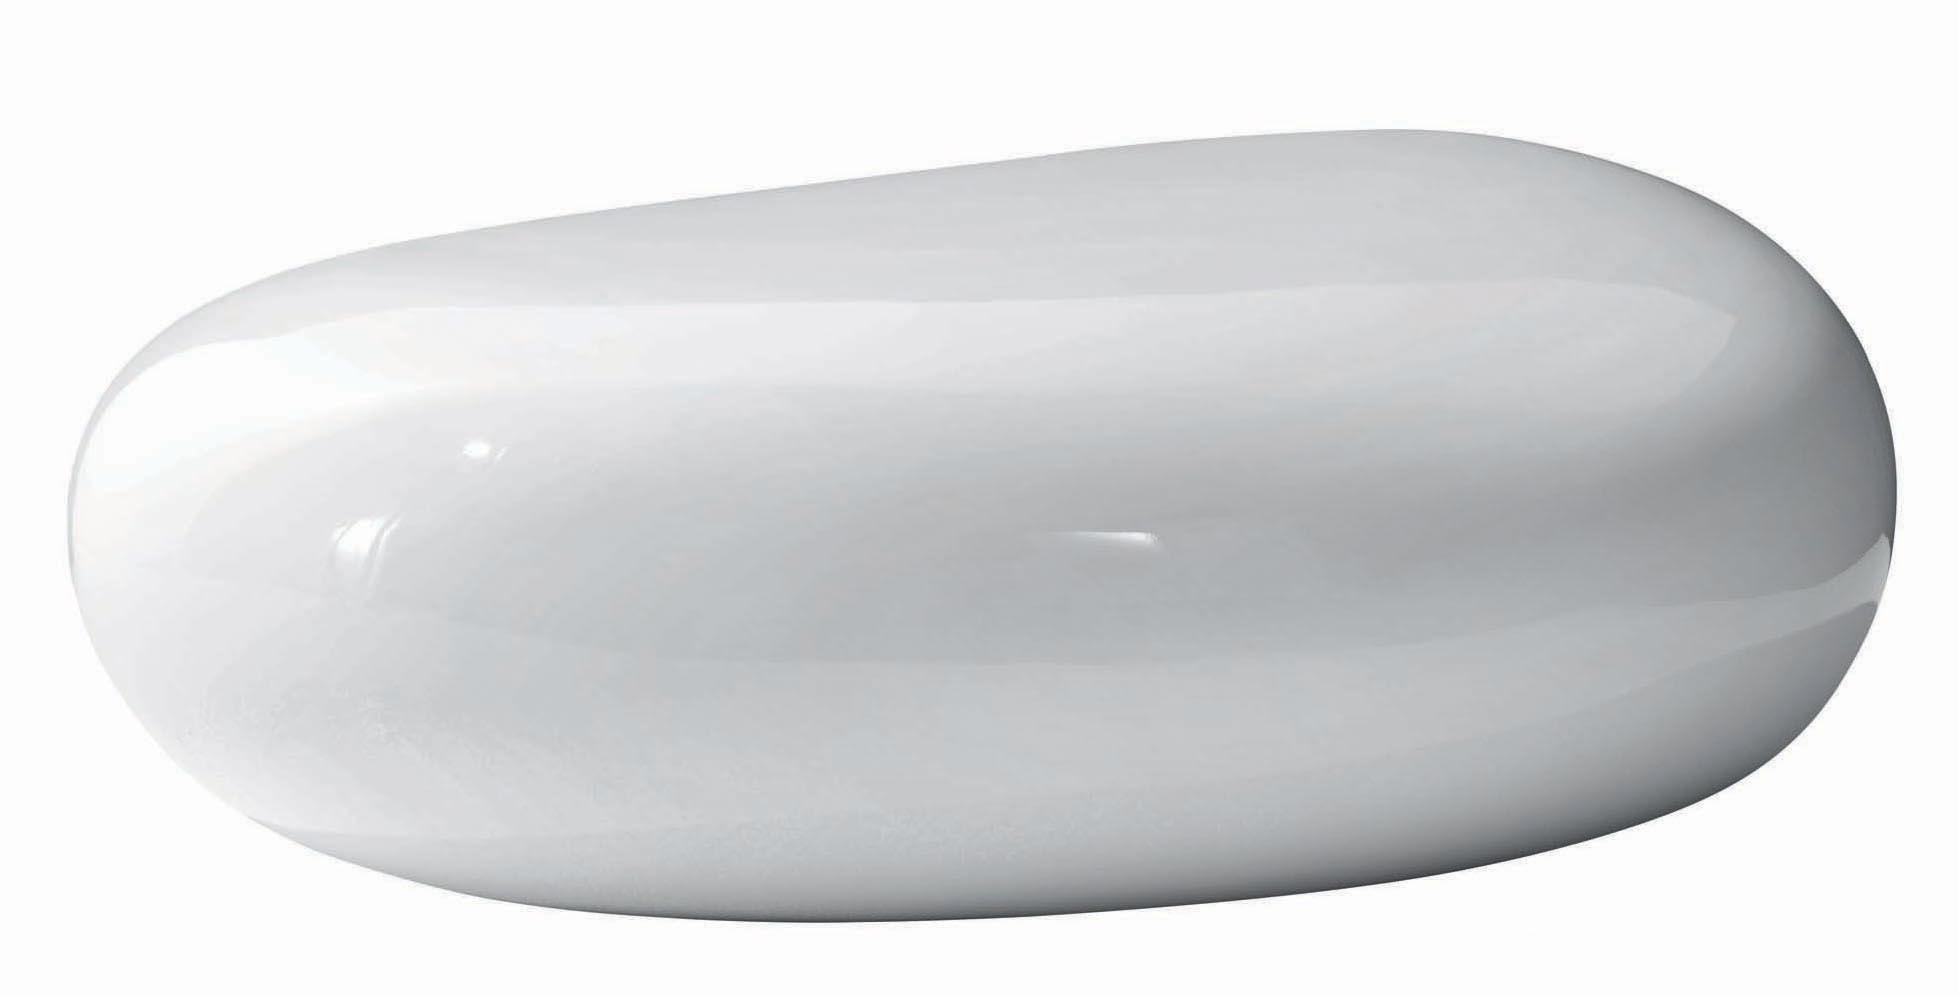 Mobilier - Tables basses - Pouf Koishi / Table basse - Driade - Blanc - Fibre de verre